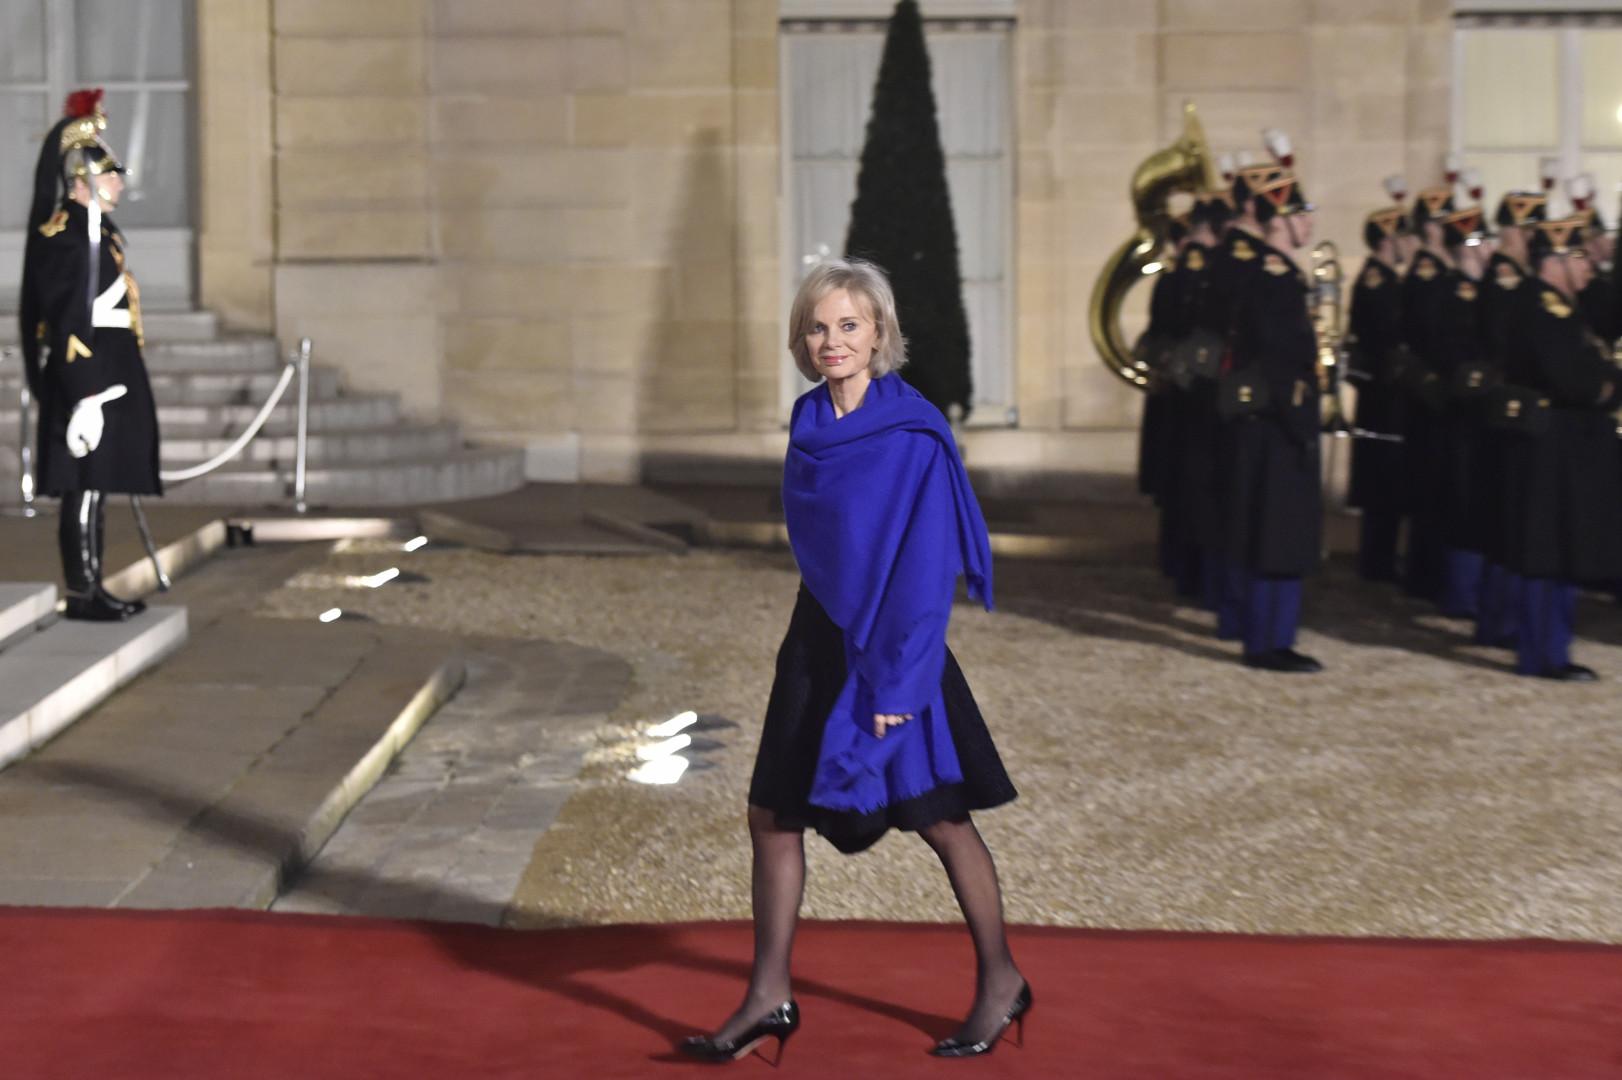 Elisabeth Guigou, député de Seine-Saint-Denis et ancienne ministre, à l'Élysée le 1er février 2016